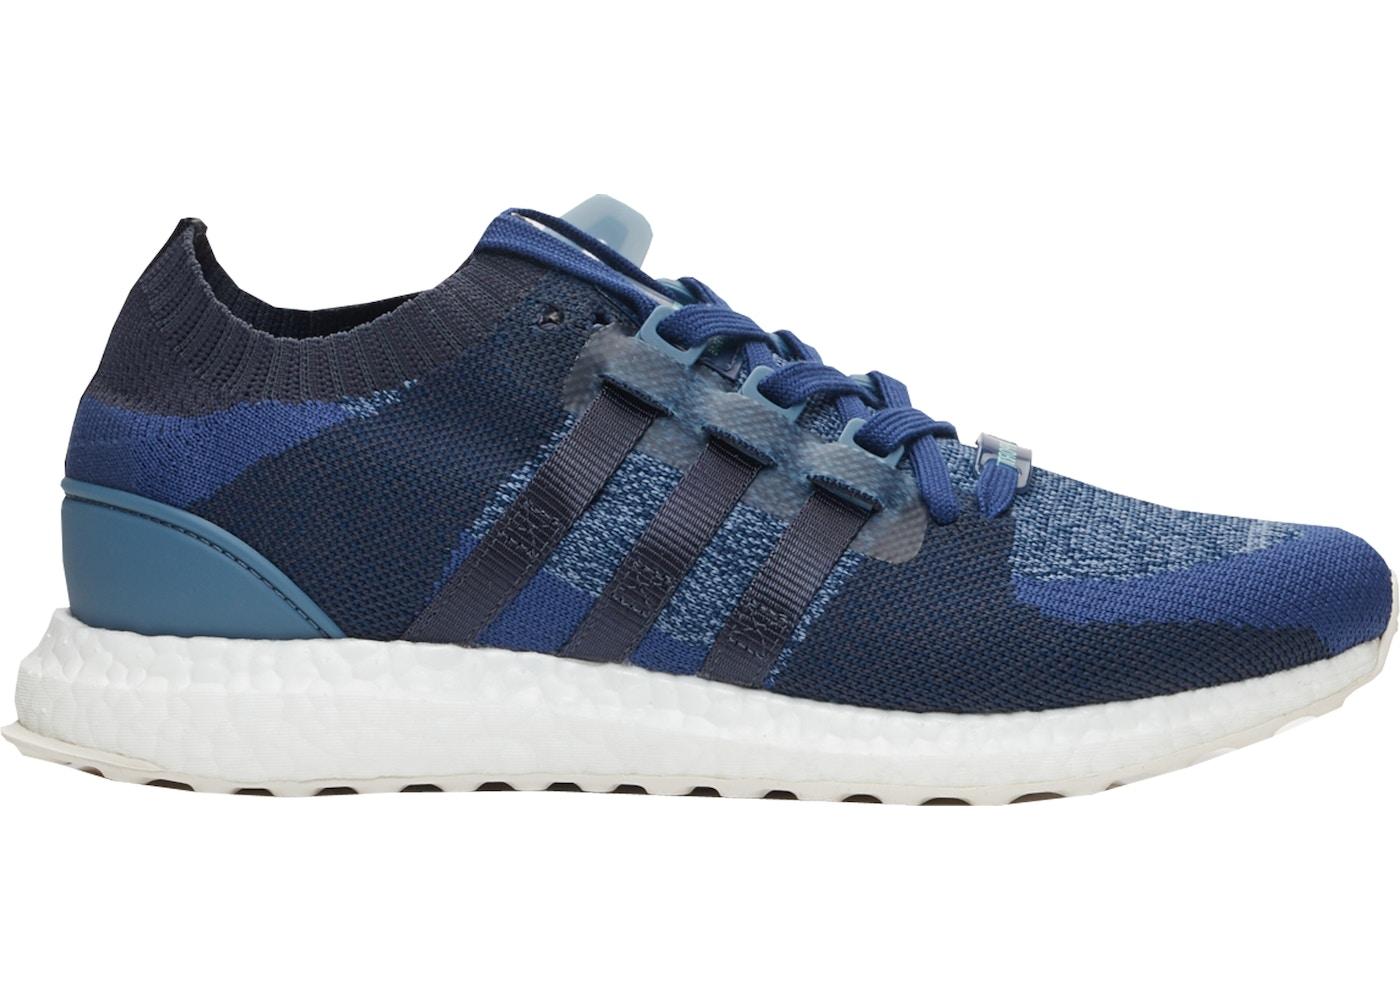 adidas EQT Support Ultra Primeknit Materials Blue